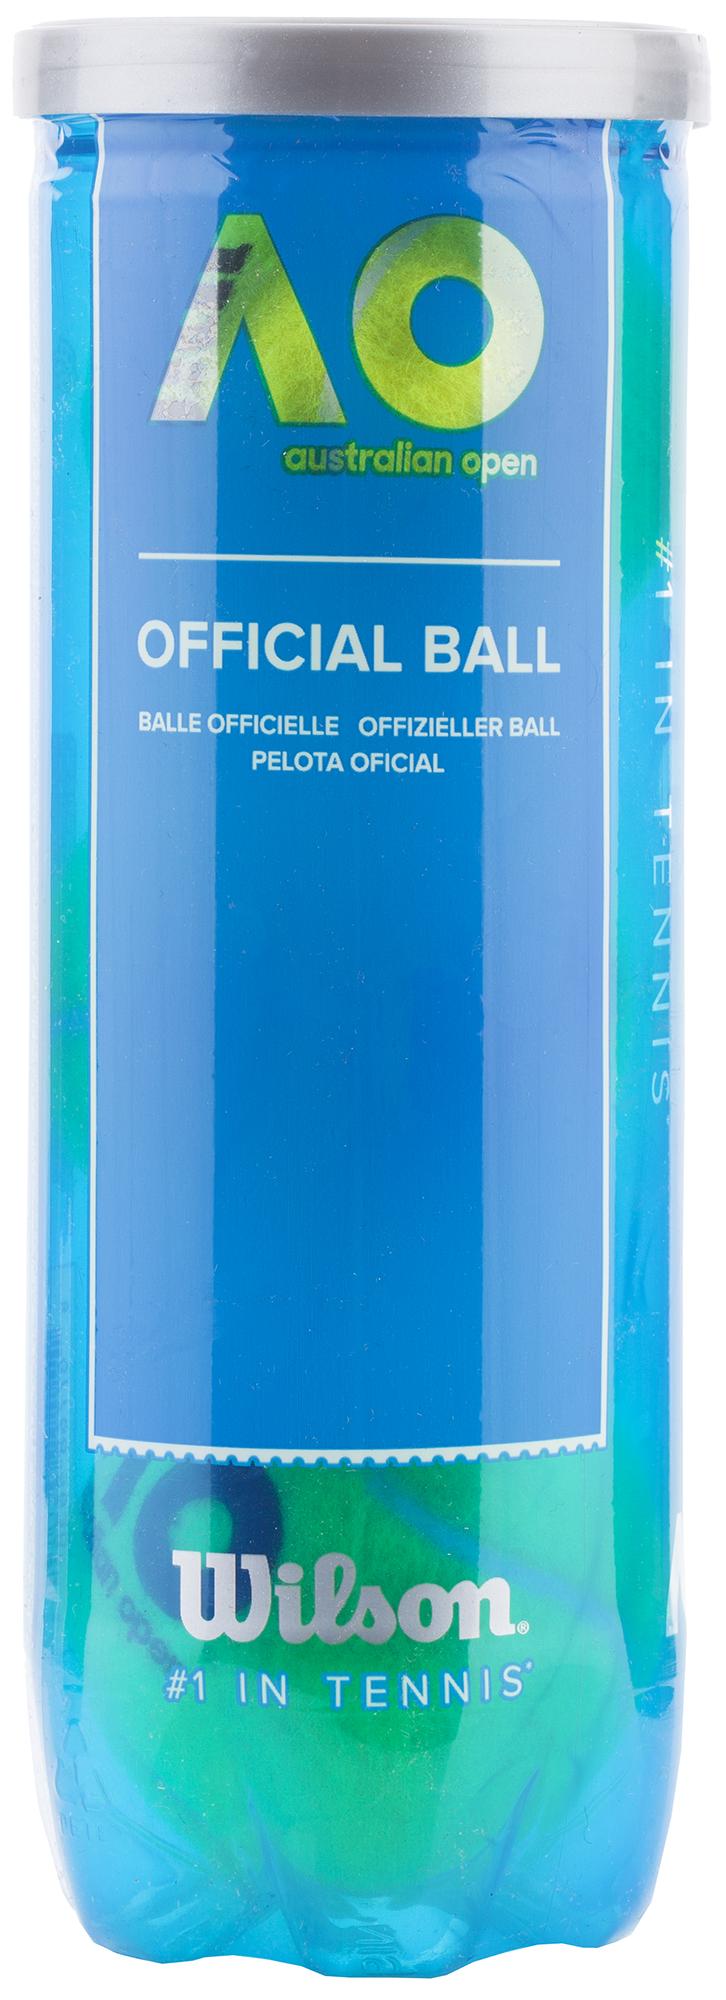 Wilson Набор мячей для большого тенниса Wilson AUSTRALIAN OPEN 3 BALL CAN, размер Без размера 2018 3 части горячего сбывания большого размера женское нижнее белье яркое украшение диаманта большого размера стринги хлопка женс